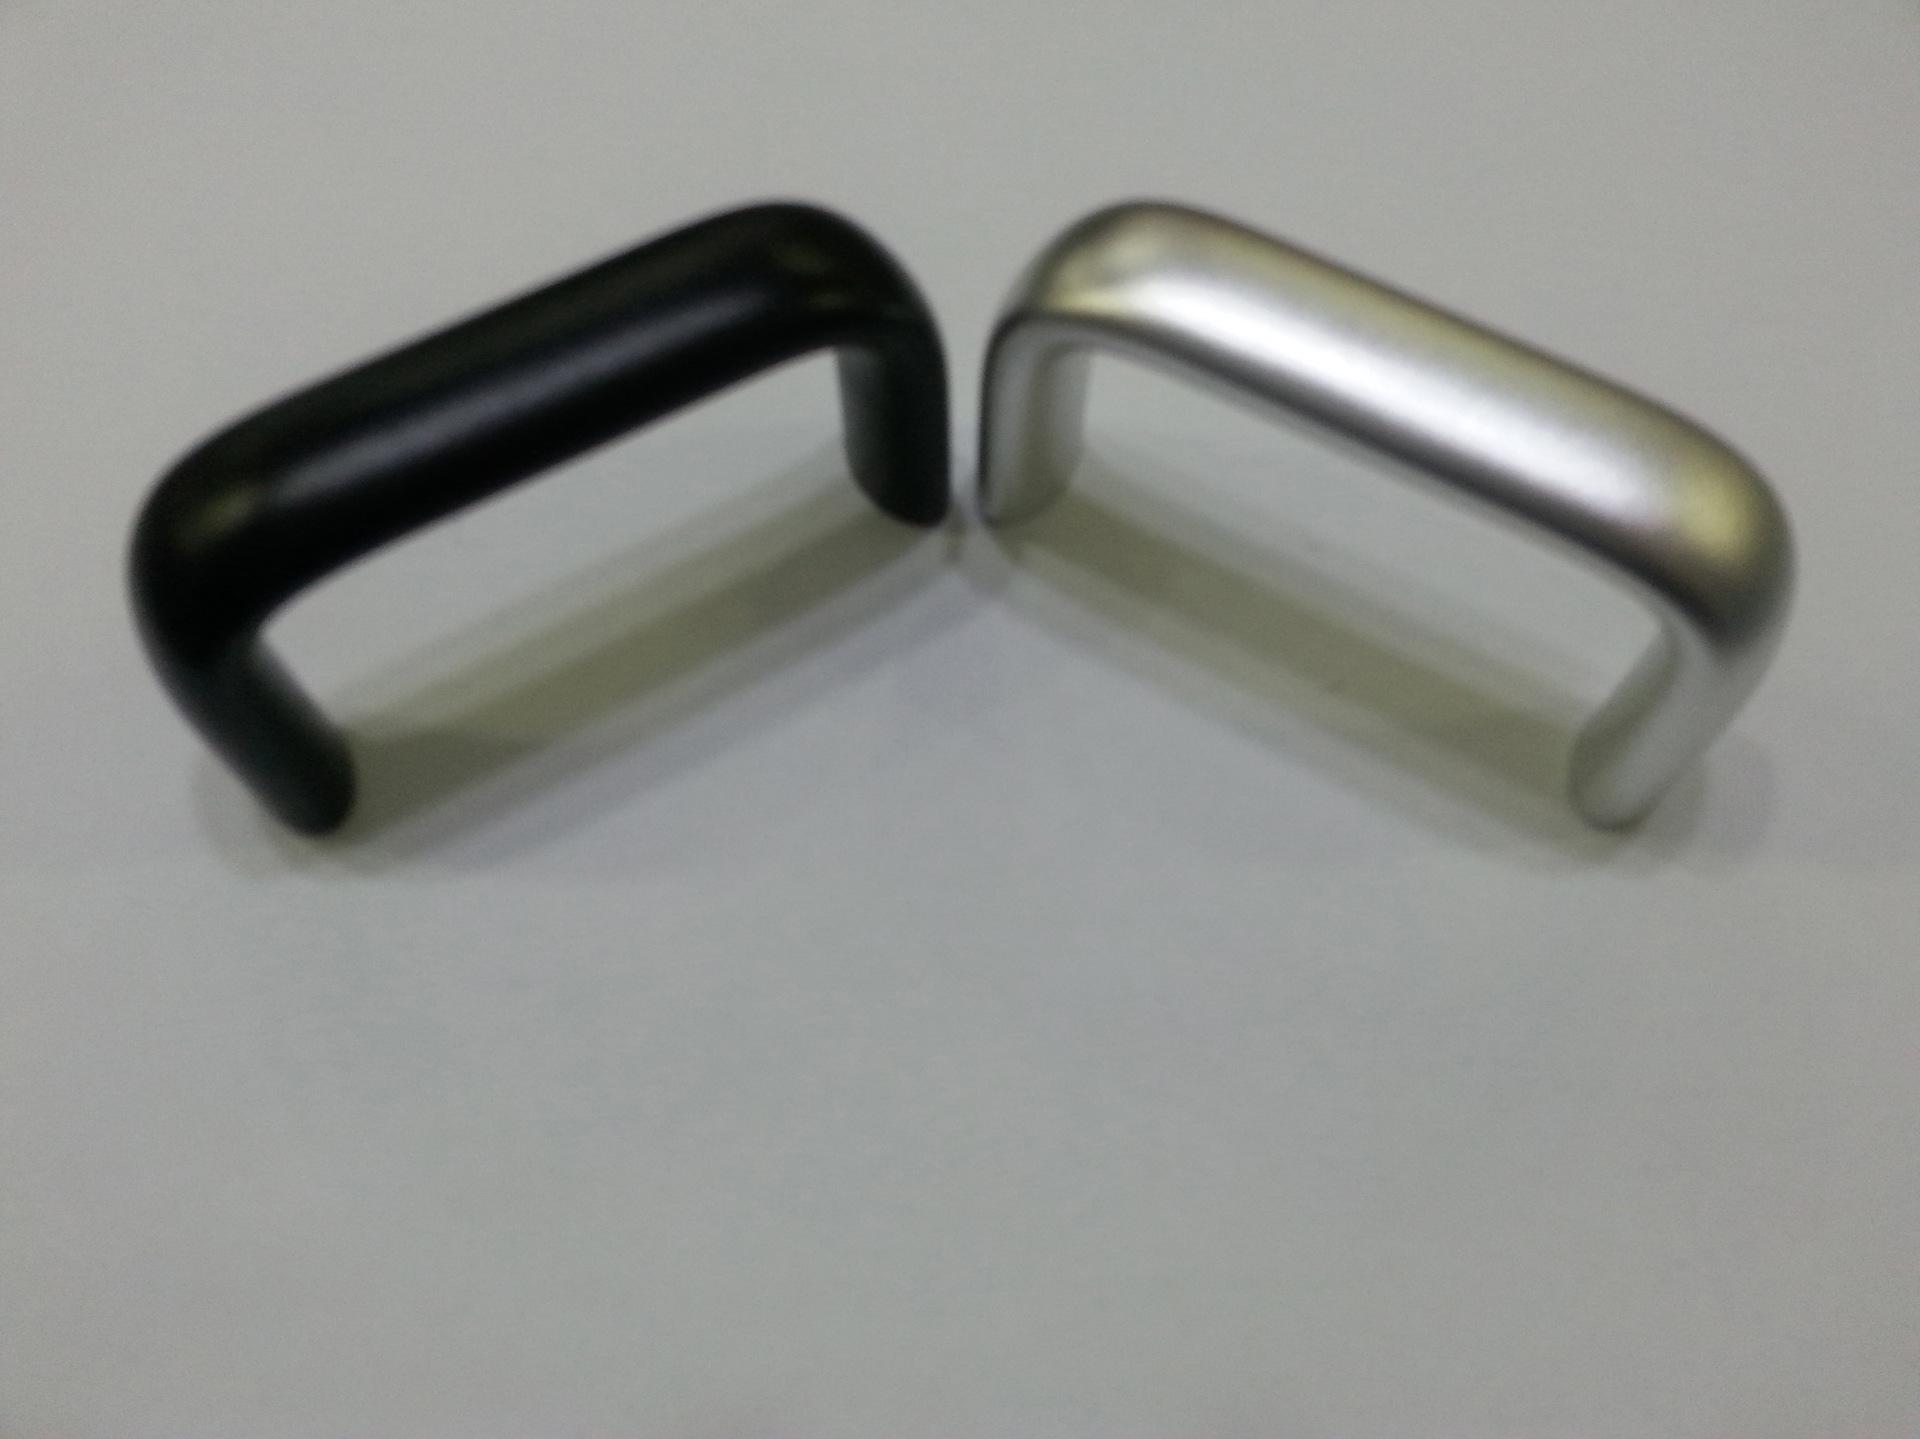 定制2U银 黑椭圆机箱把手 各类高品质机箱把手直销批发